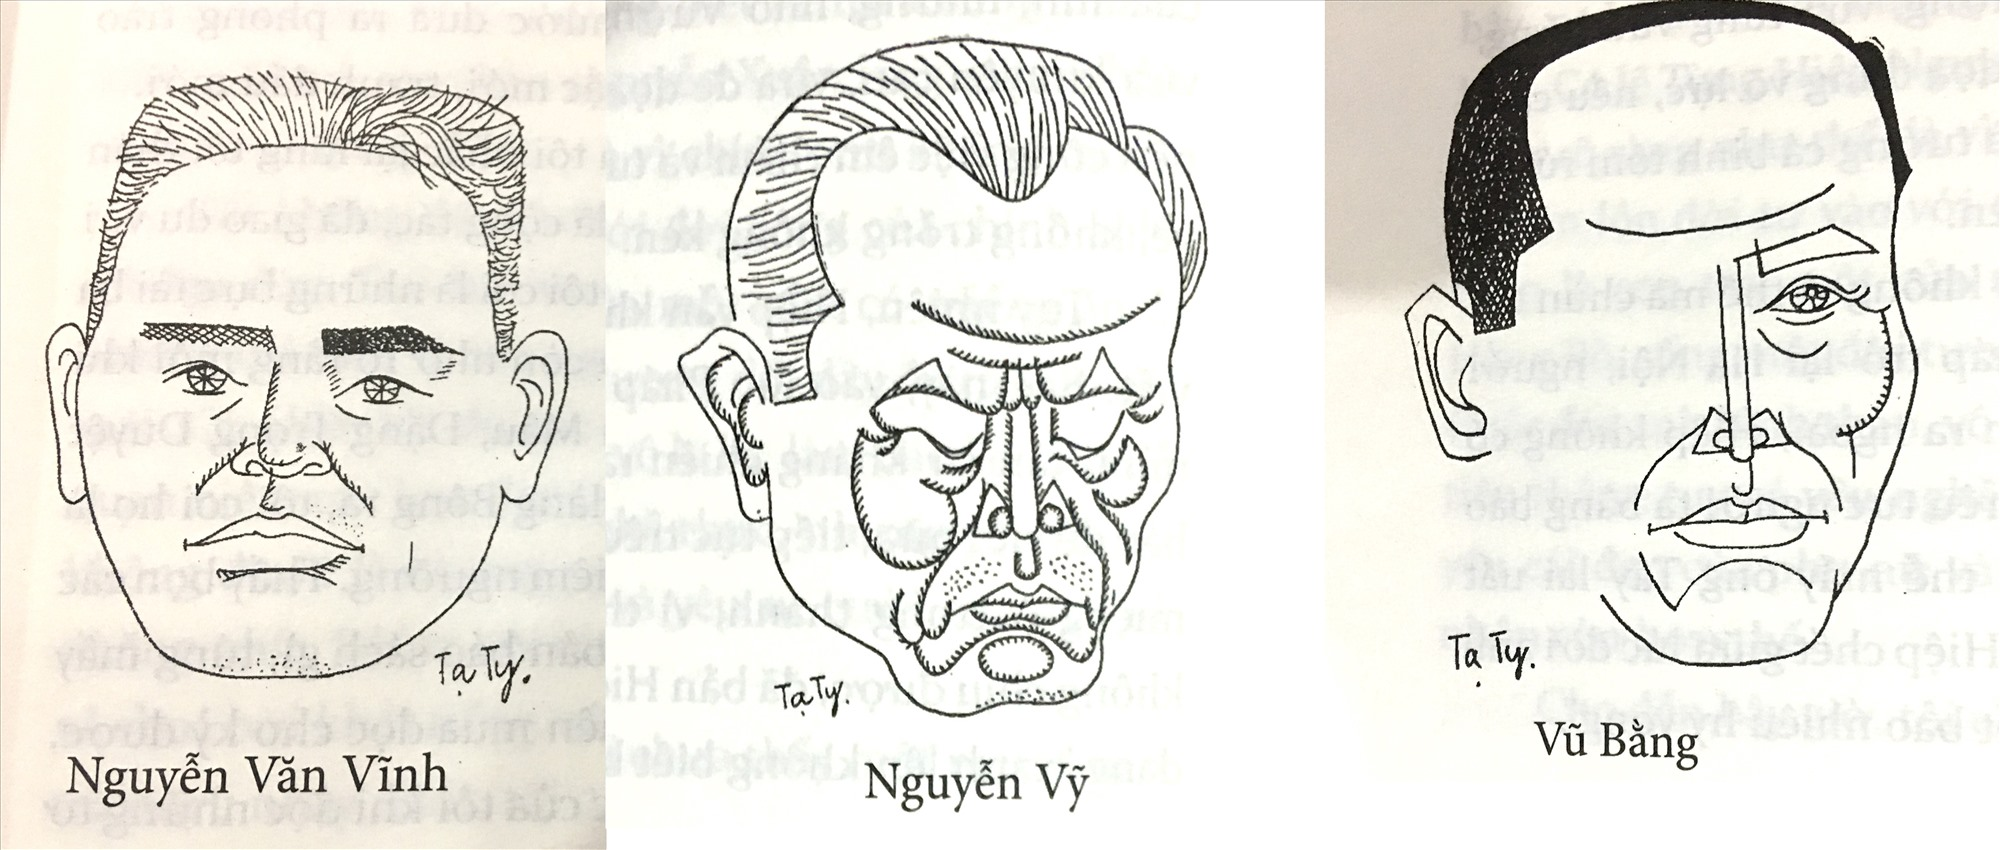 """Ký họa chân dung Nguyễn Văn Vĩnh, Nguyễn Vỹ, Vũ Bằng của Tạ Tỵ, in trong cuốn Bốn mươi năm """"nói láo""""."""